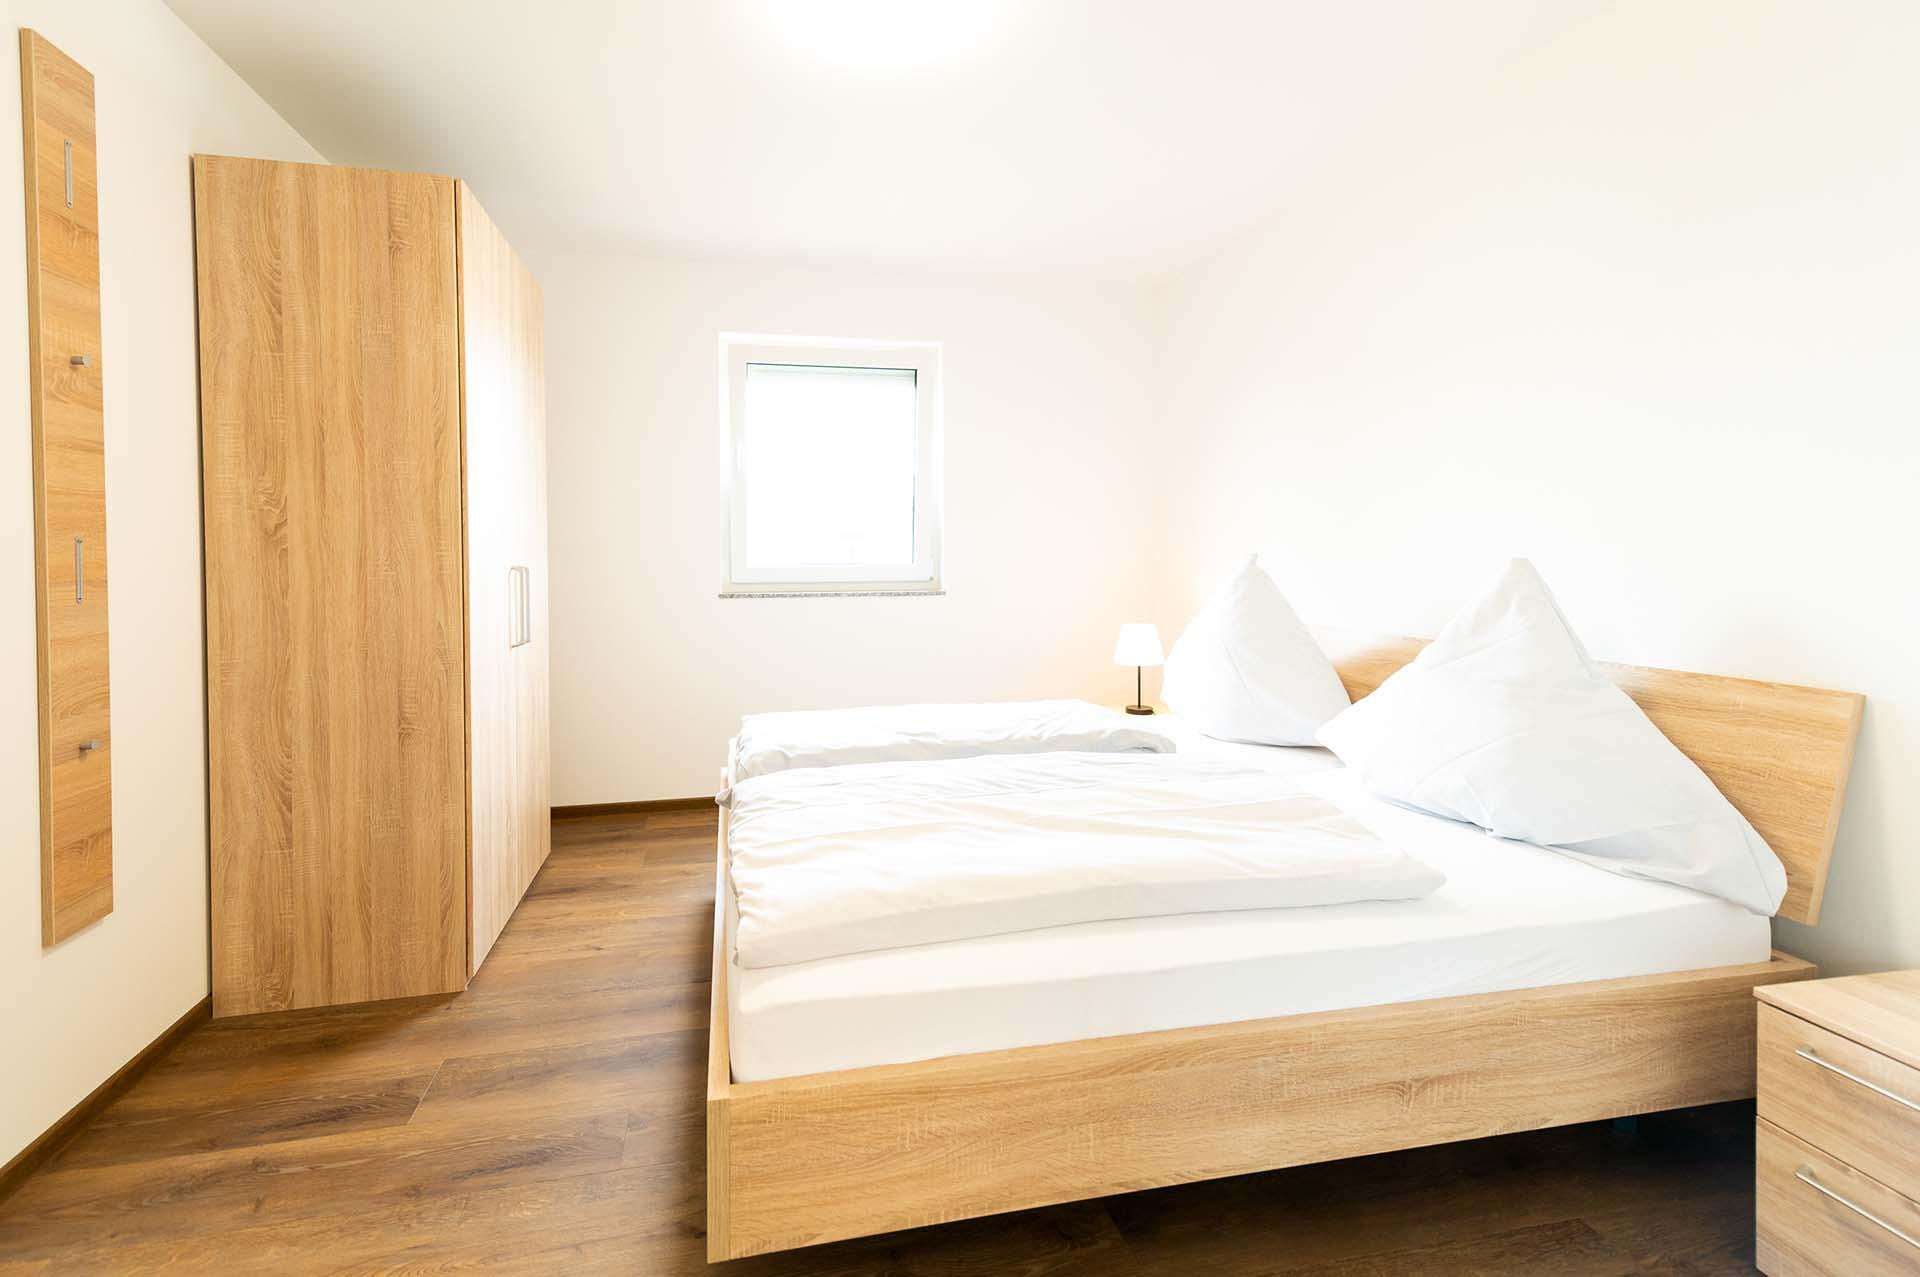 appartement-mettlach-alter-turm-schlafzimmer